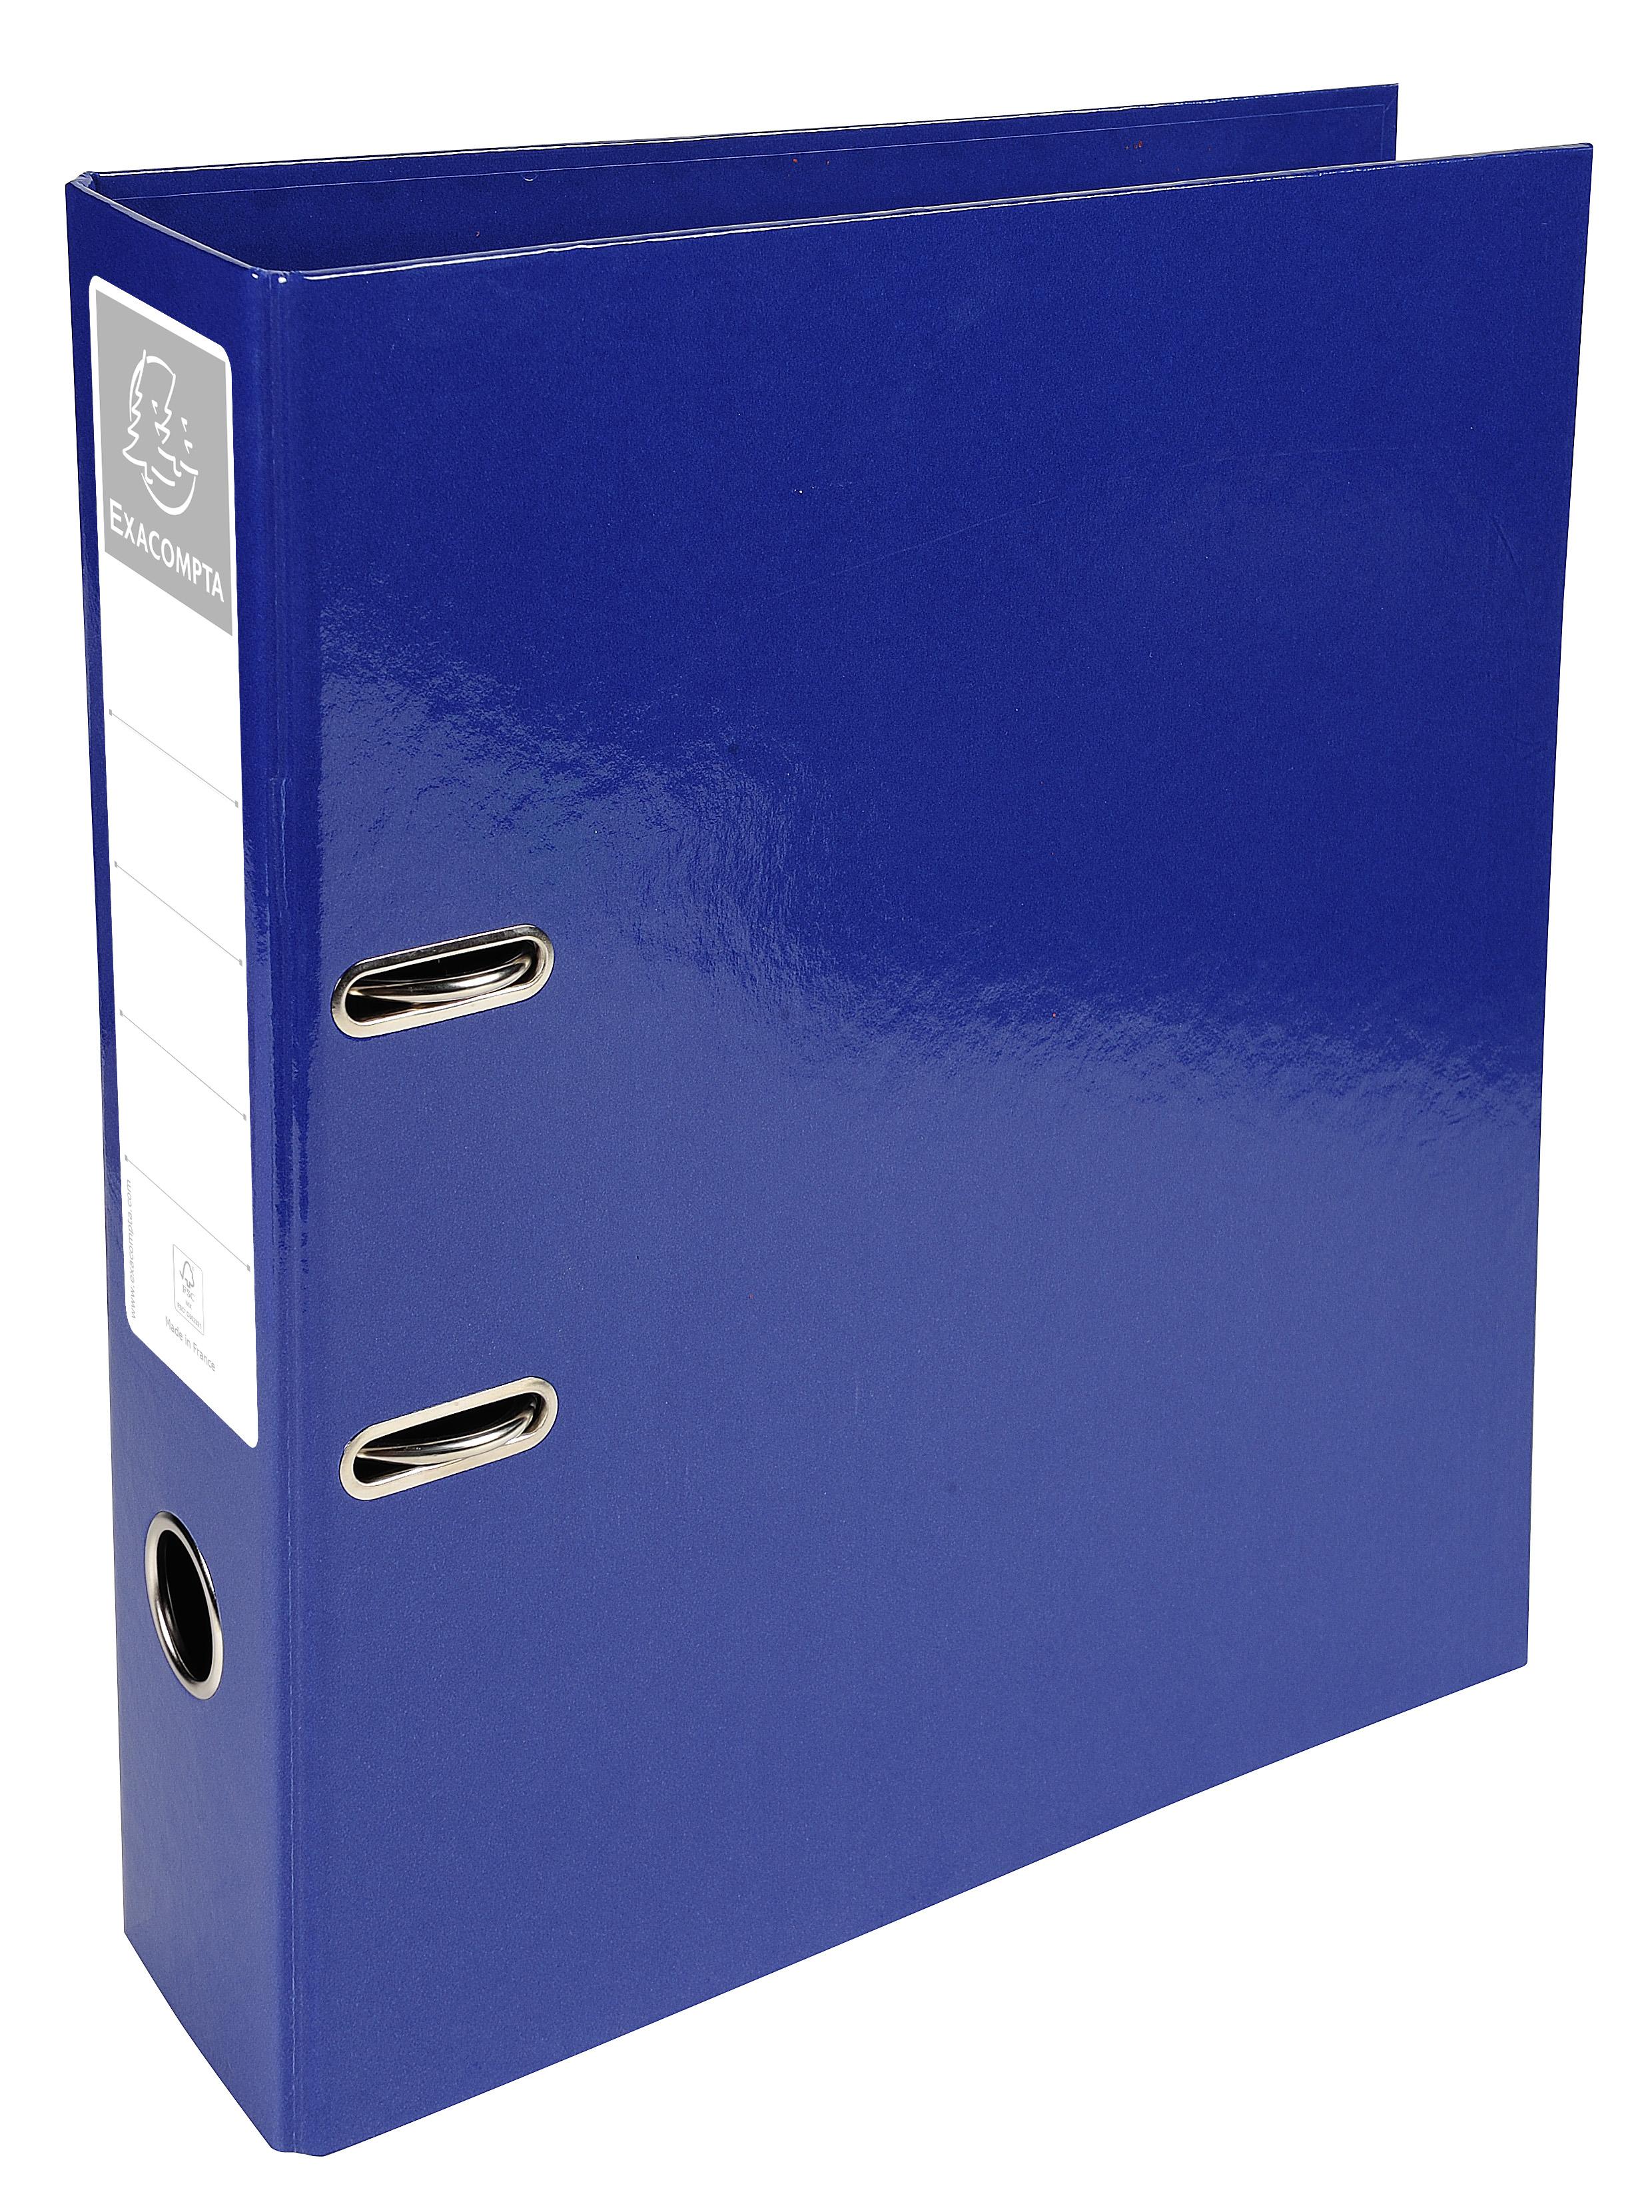 Iderama Lever Arch File 70mm BL PK10